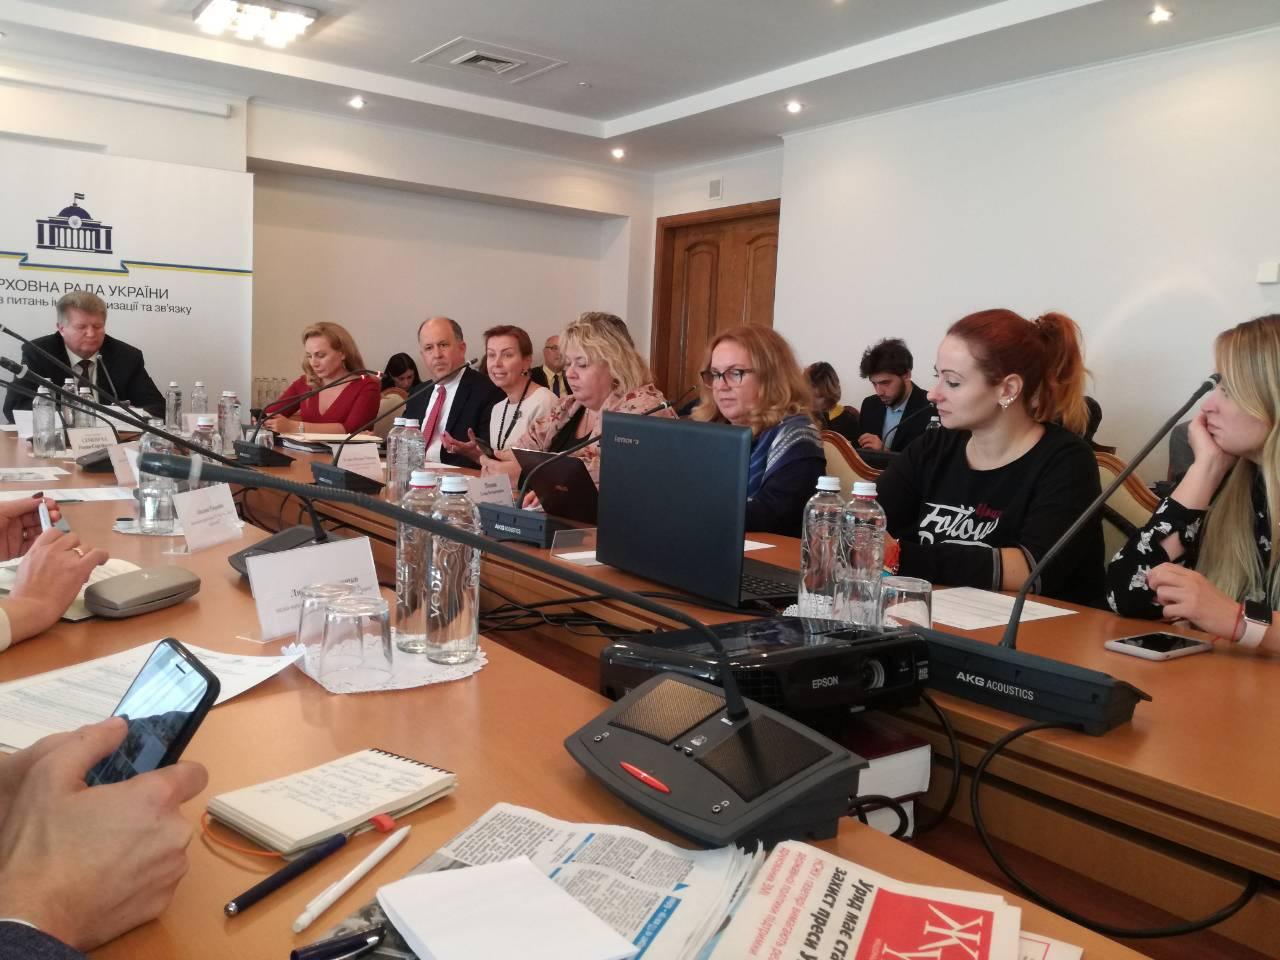 Актуальні виклики свободи в Інтернеті в Україні: шляхи взаємодії між ІТ сектором, громадянським суспільством та владою